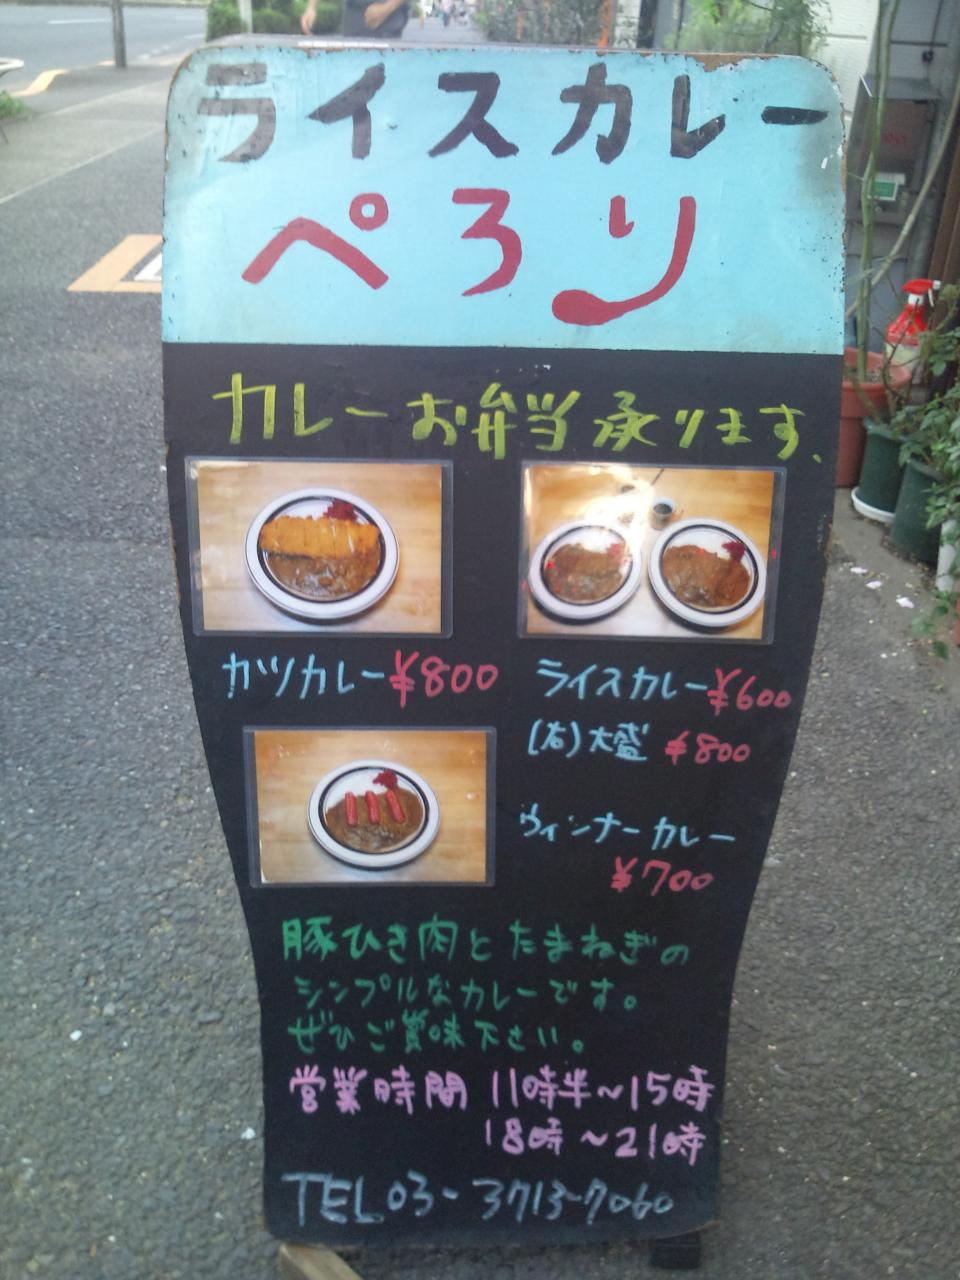 ぺろり(店舗外観)